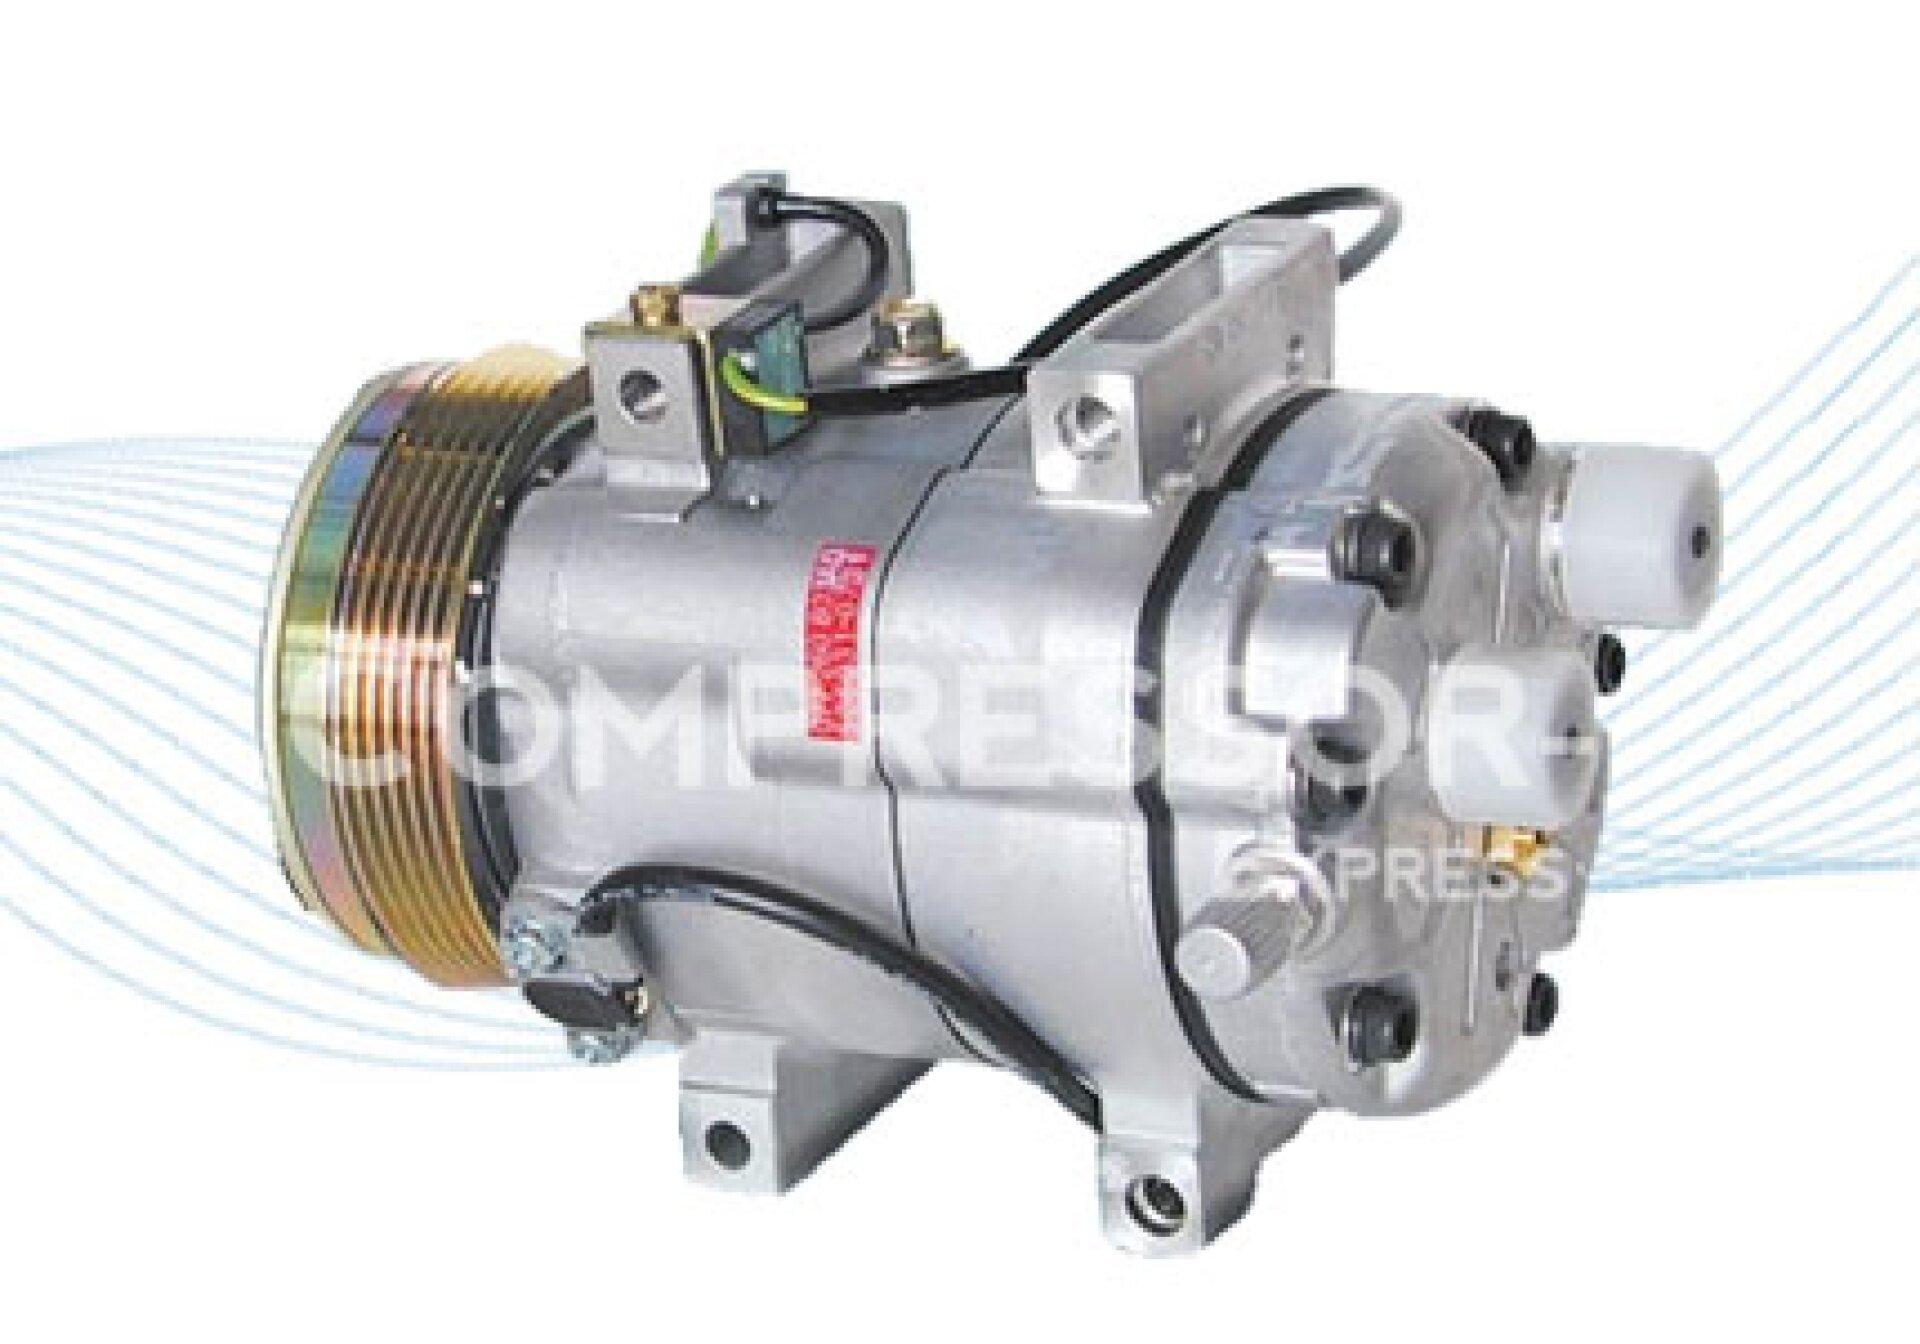 Zexel dcw17 compresor de aire acondicionado 077260803ac for Compresor de aire acondicionado